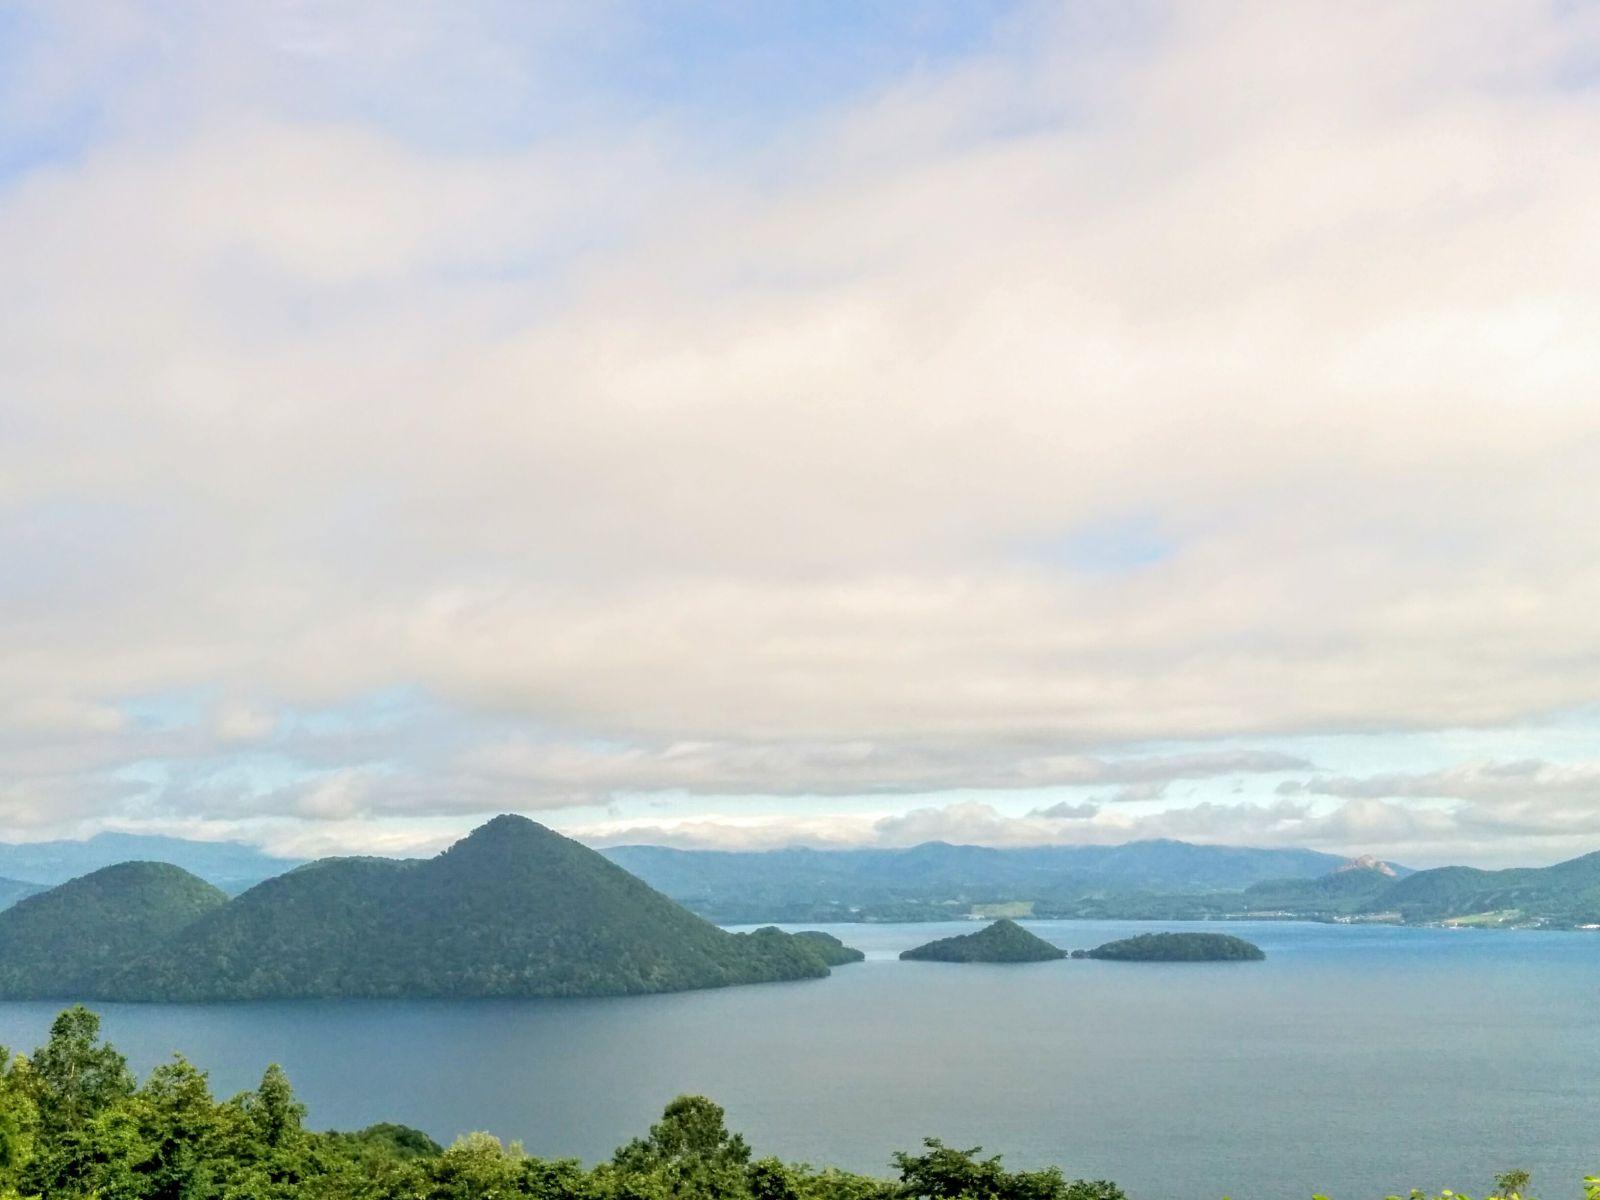 【洞爺湖】洞爺湖サイロ展望台観光案内です。